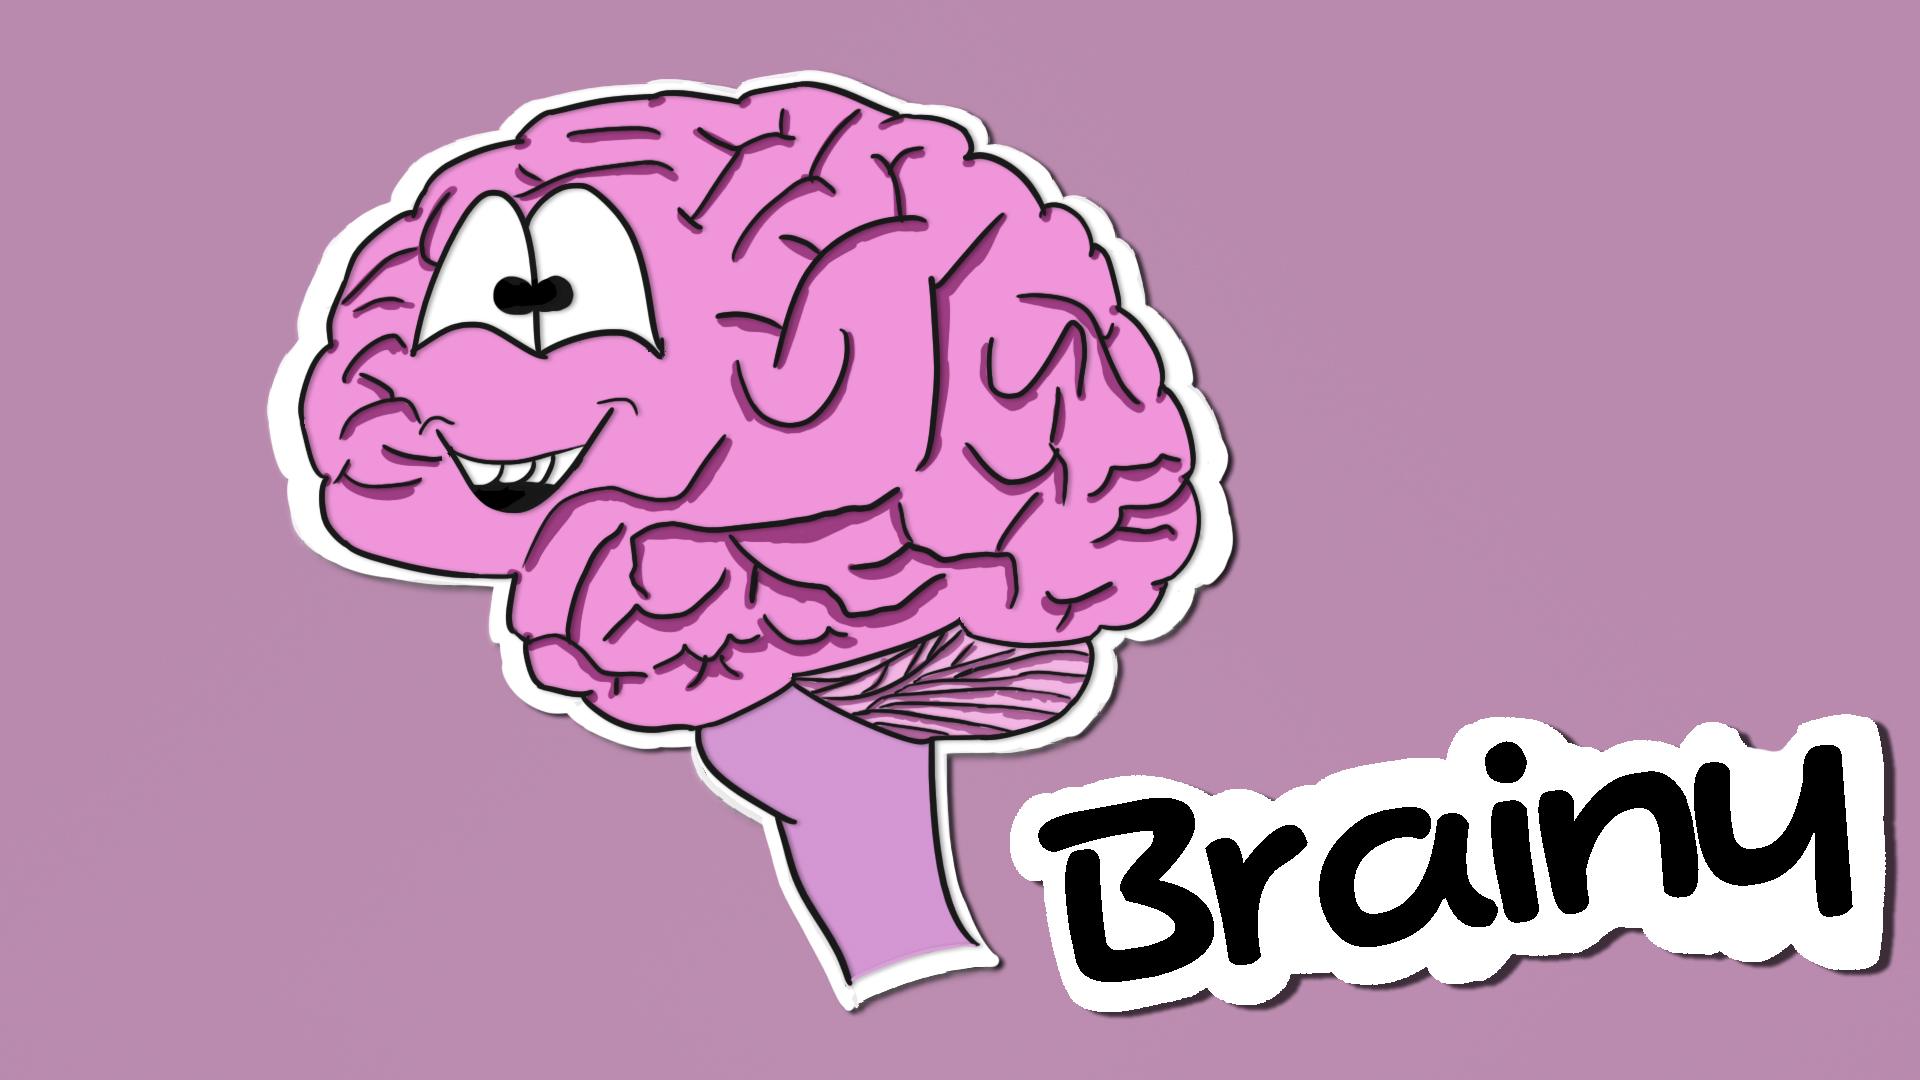 Paper Brainy